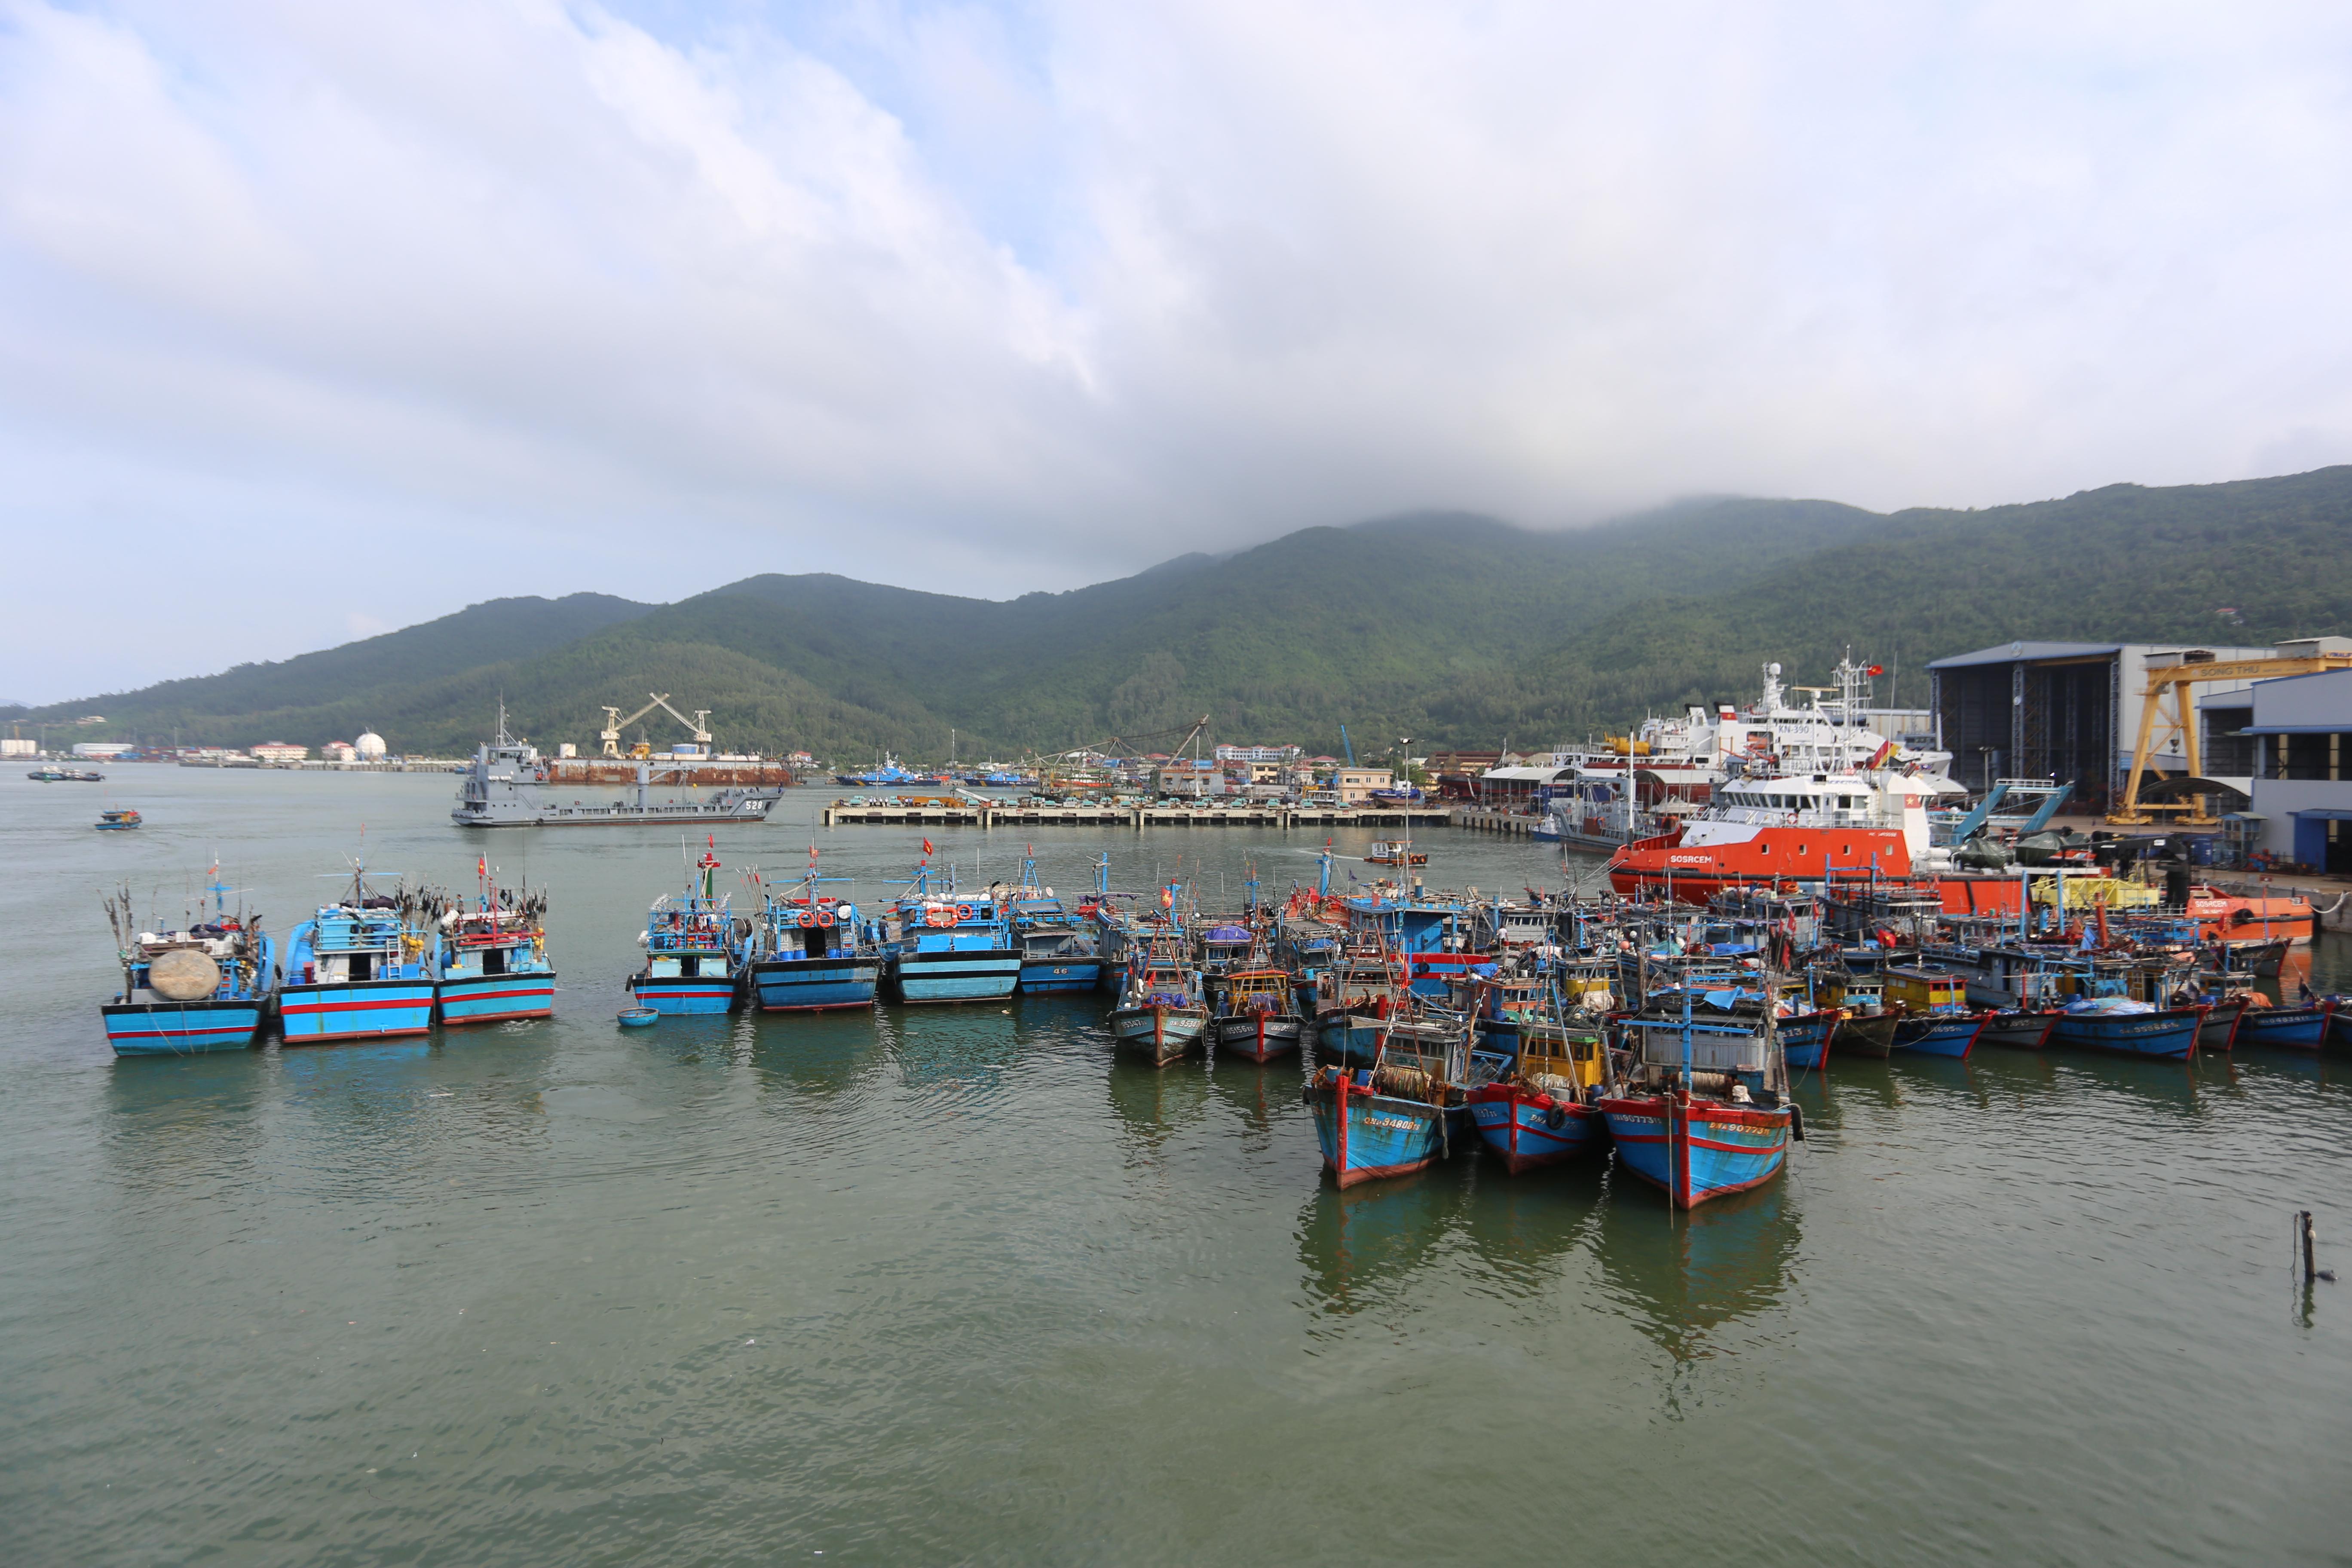 [Ảnh] Xe tải cẩu chở thuyền đến nơi an toàn, công an, bộ đội giúp người Đà Nẵng chằng chống nhà cửa đón bão số 9 - Ảnh 12.